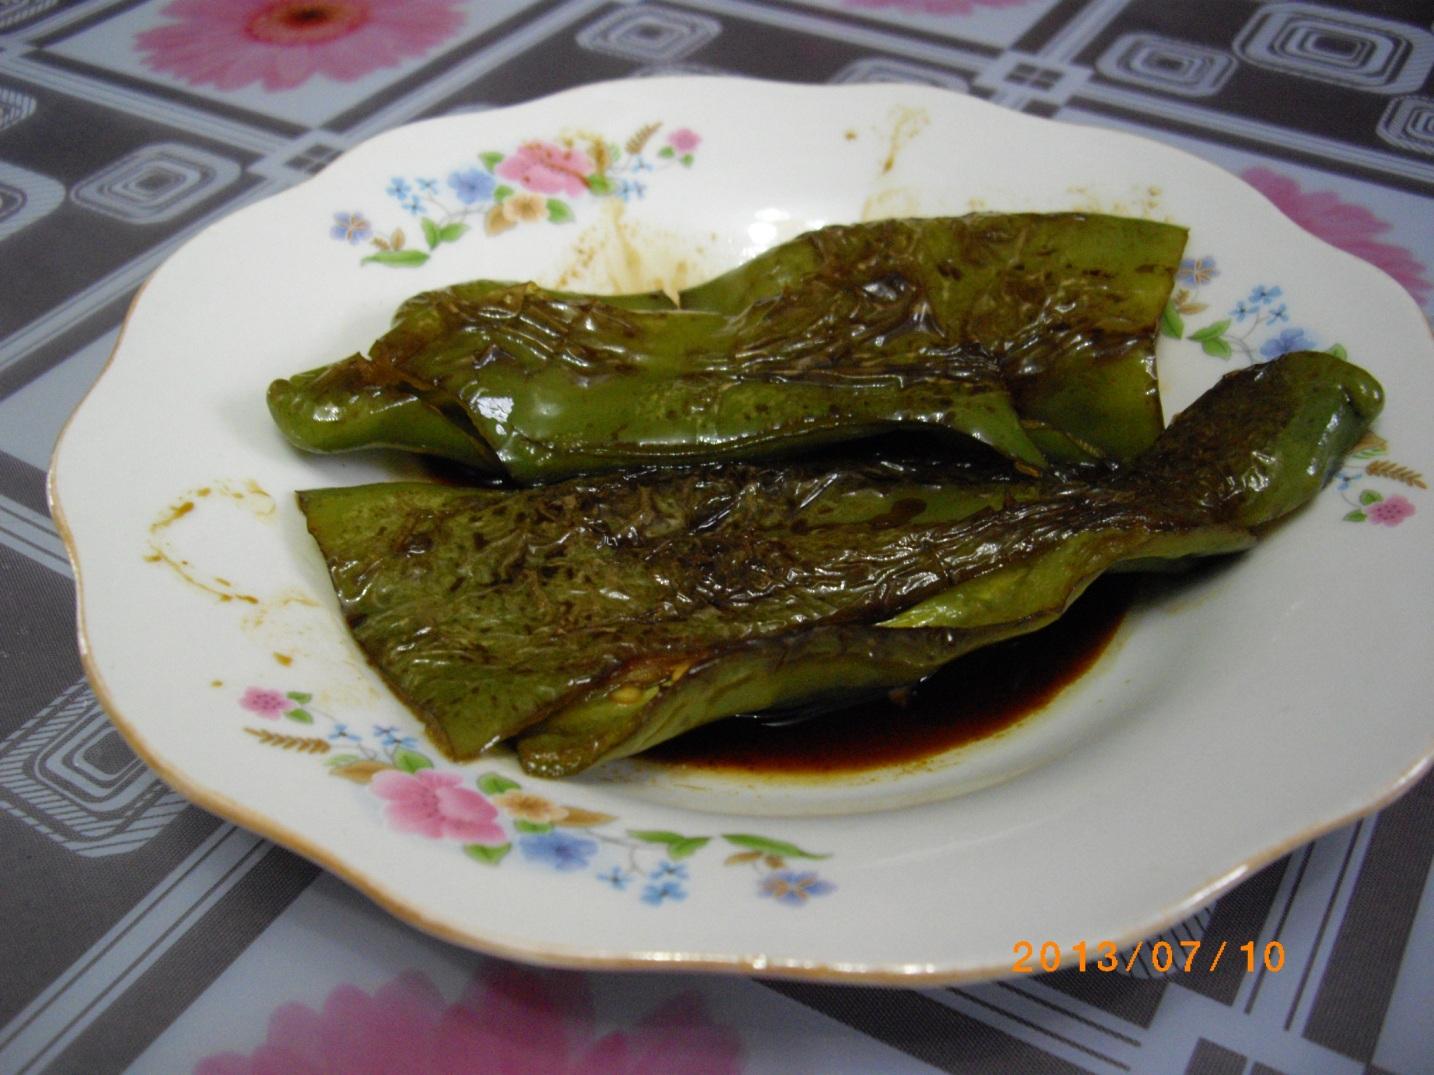 母女俩的简单晚餐之 丝瓜虾仁文蛤米粉汤 虎皮青椒